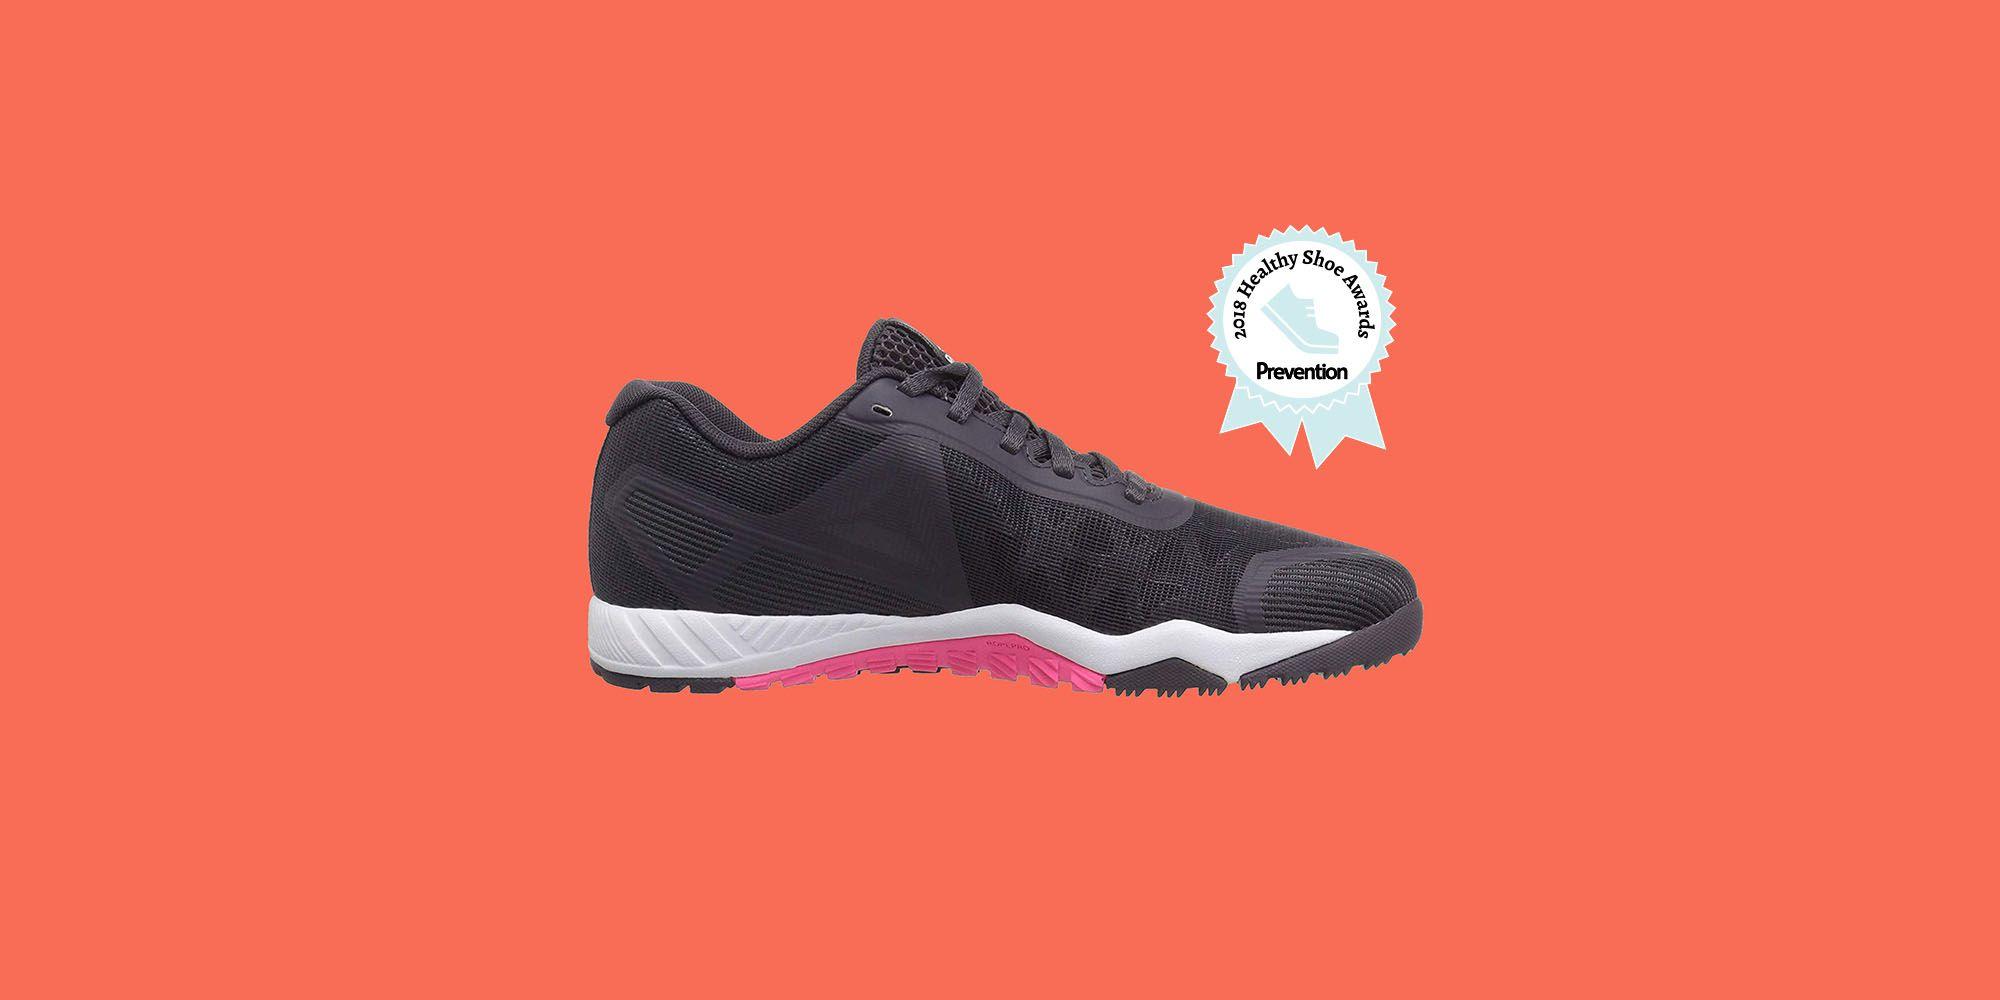 Shoes 2018 For Cross Best Women Training 7 8wPX0kOn